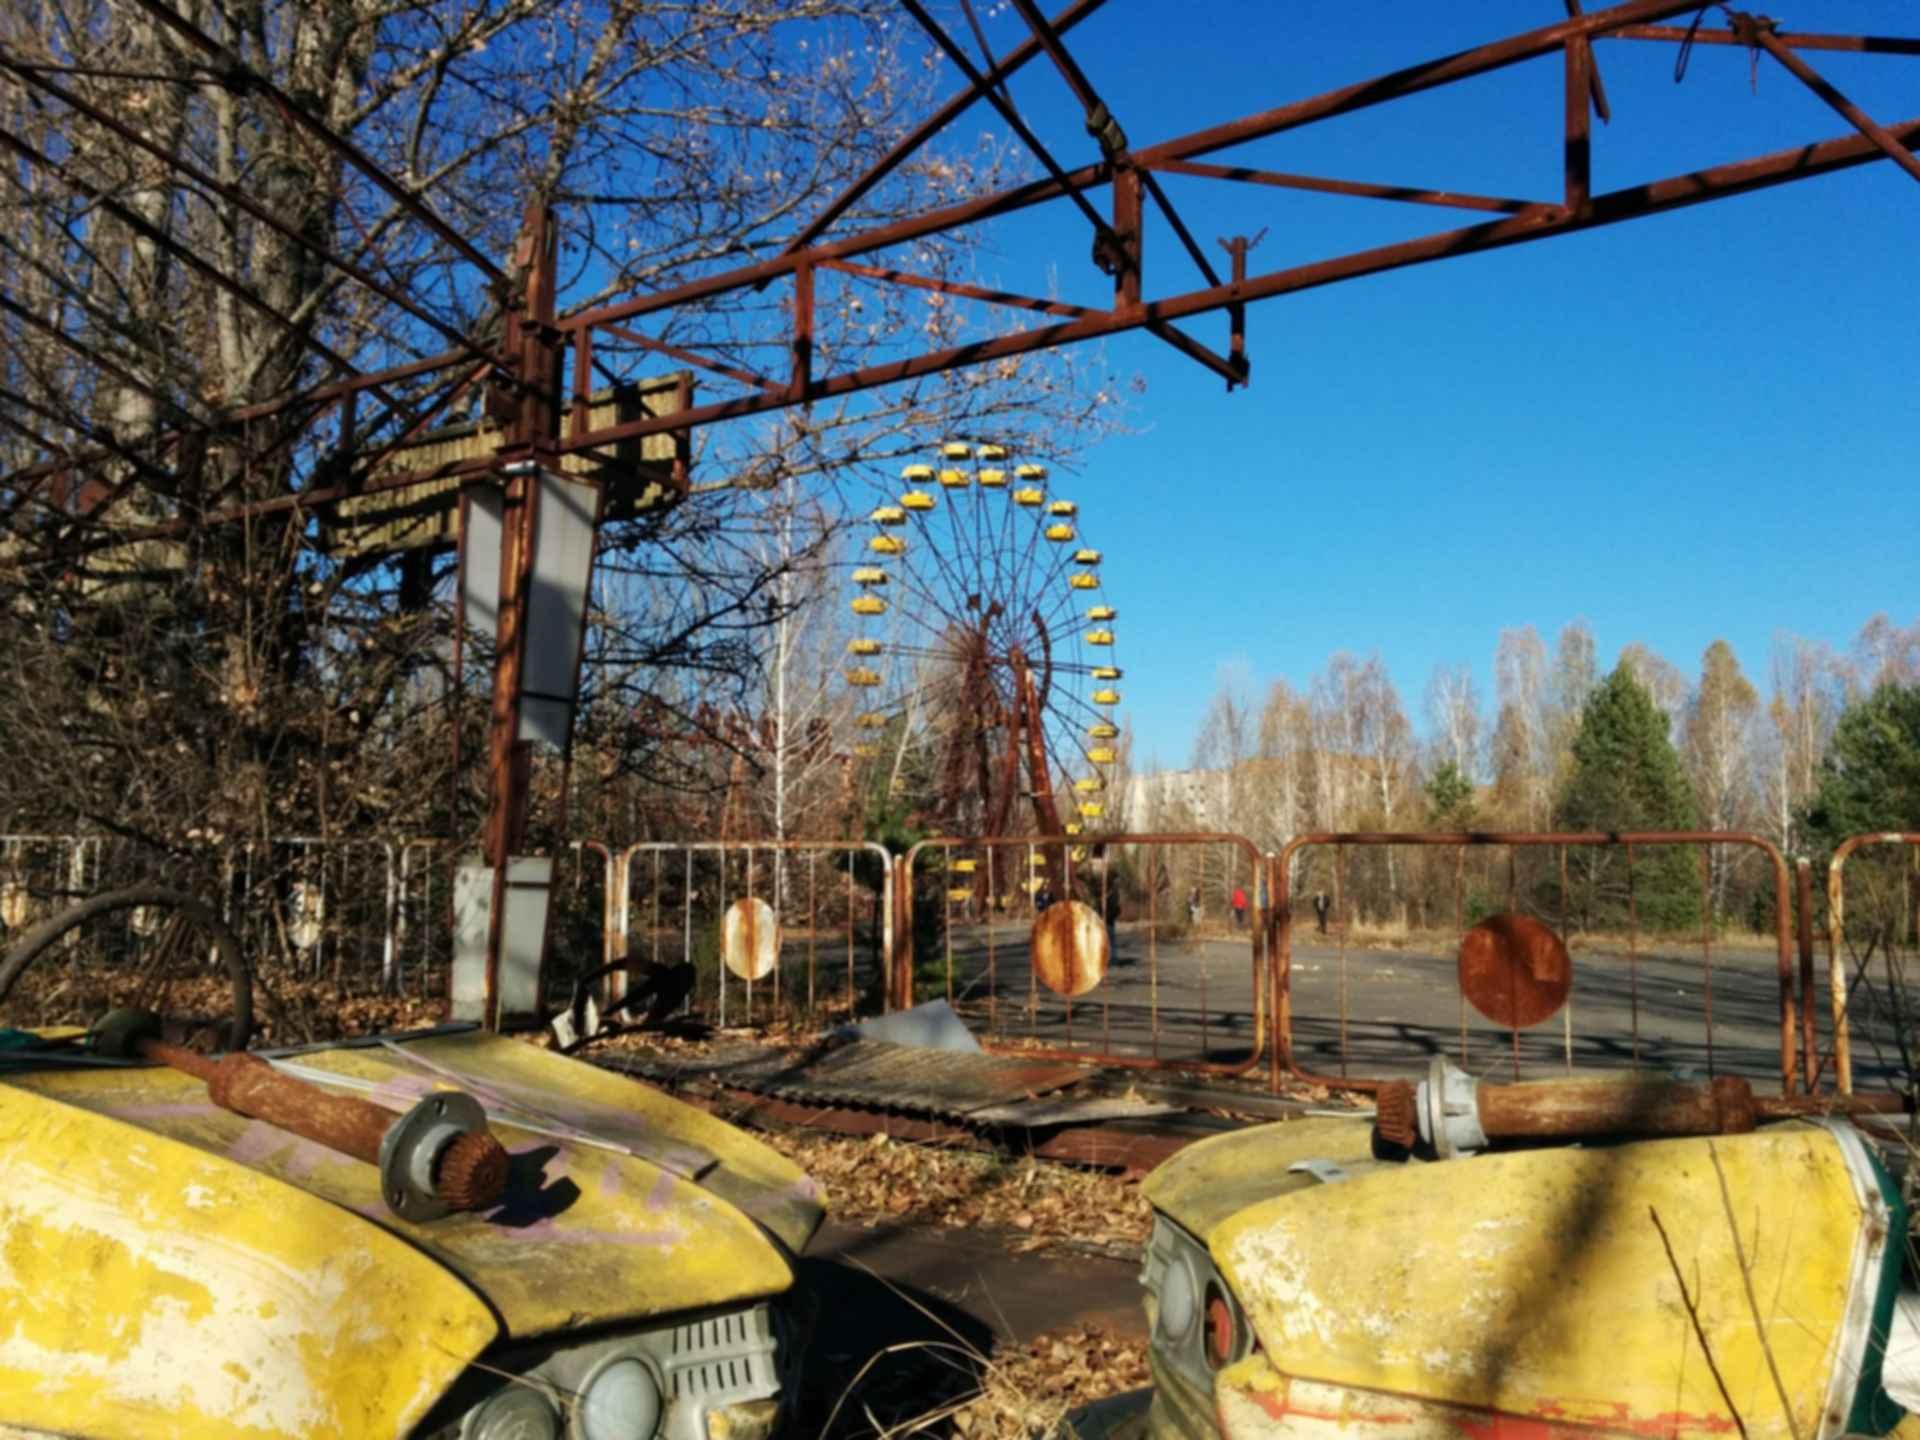 Pripyat Amusement Park - Fences